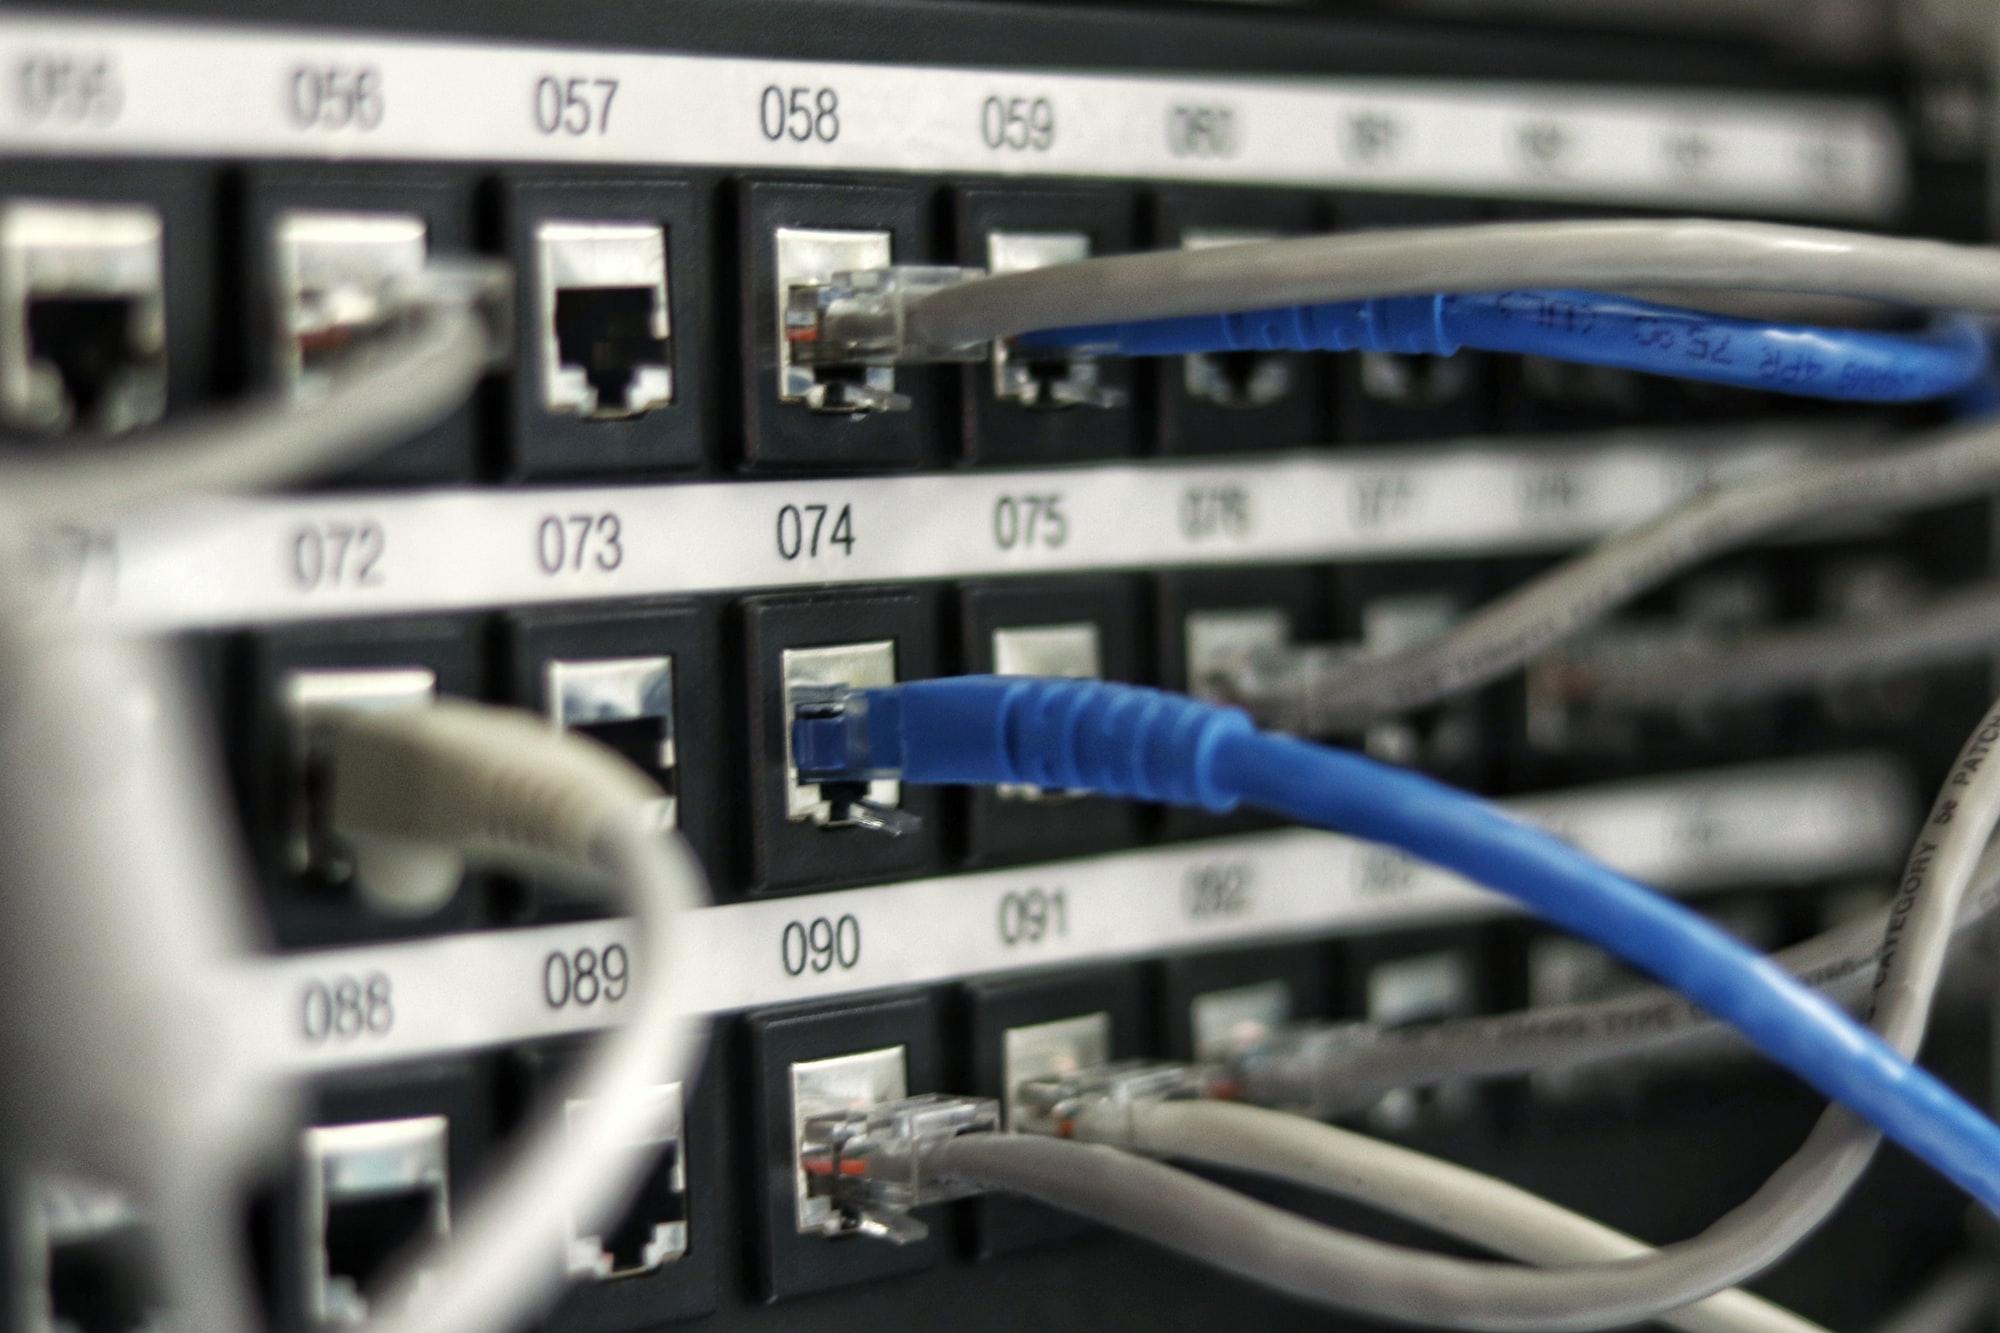 Ciscoルータ/スイッチのIOSモード切替コマンド